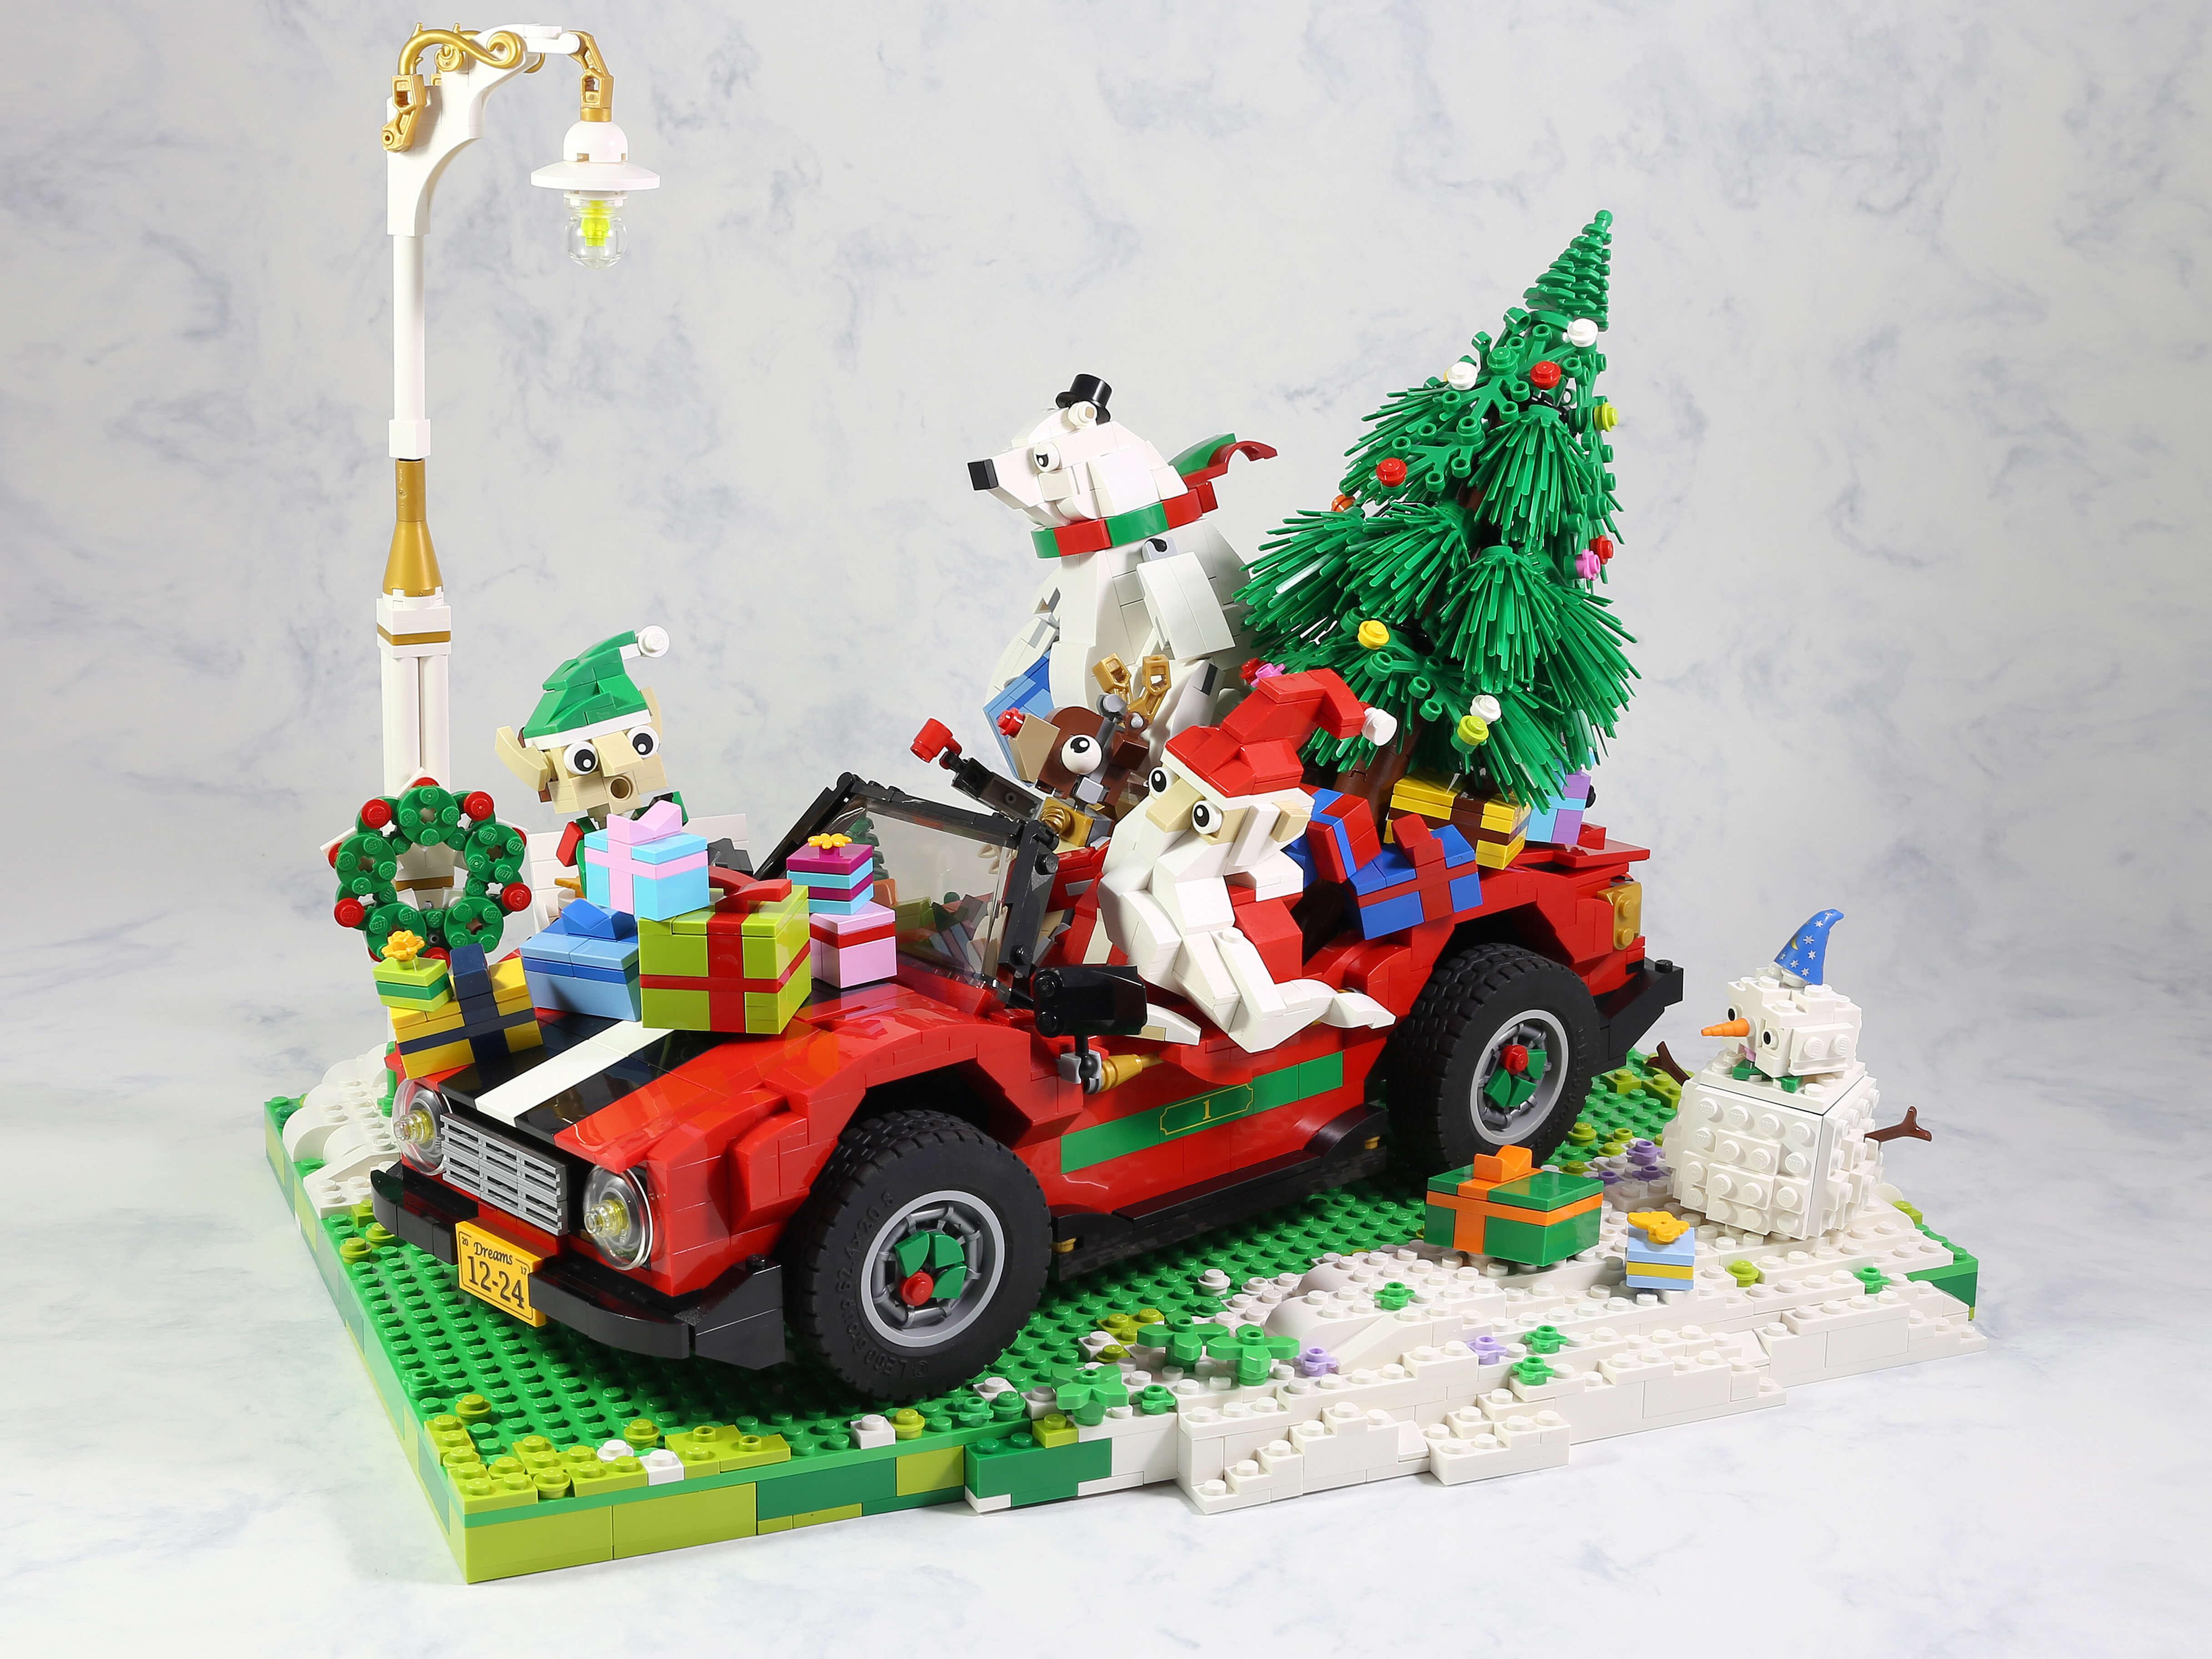 LEGO Kerst creaties - veel bouwplezier